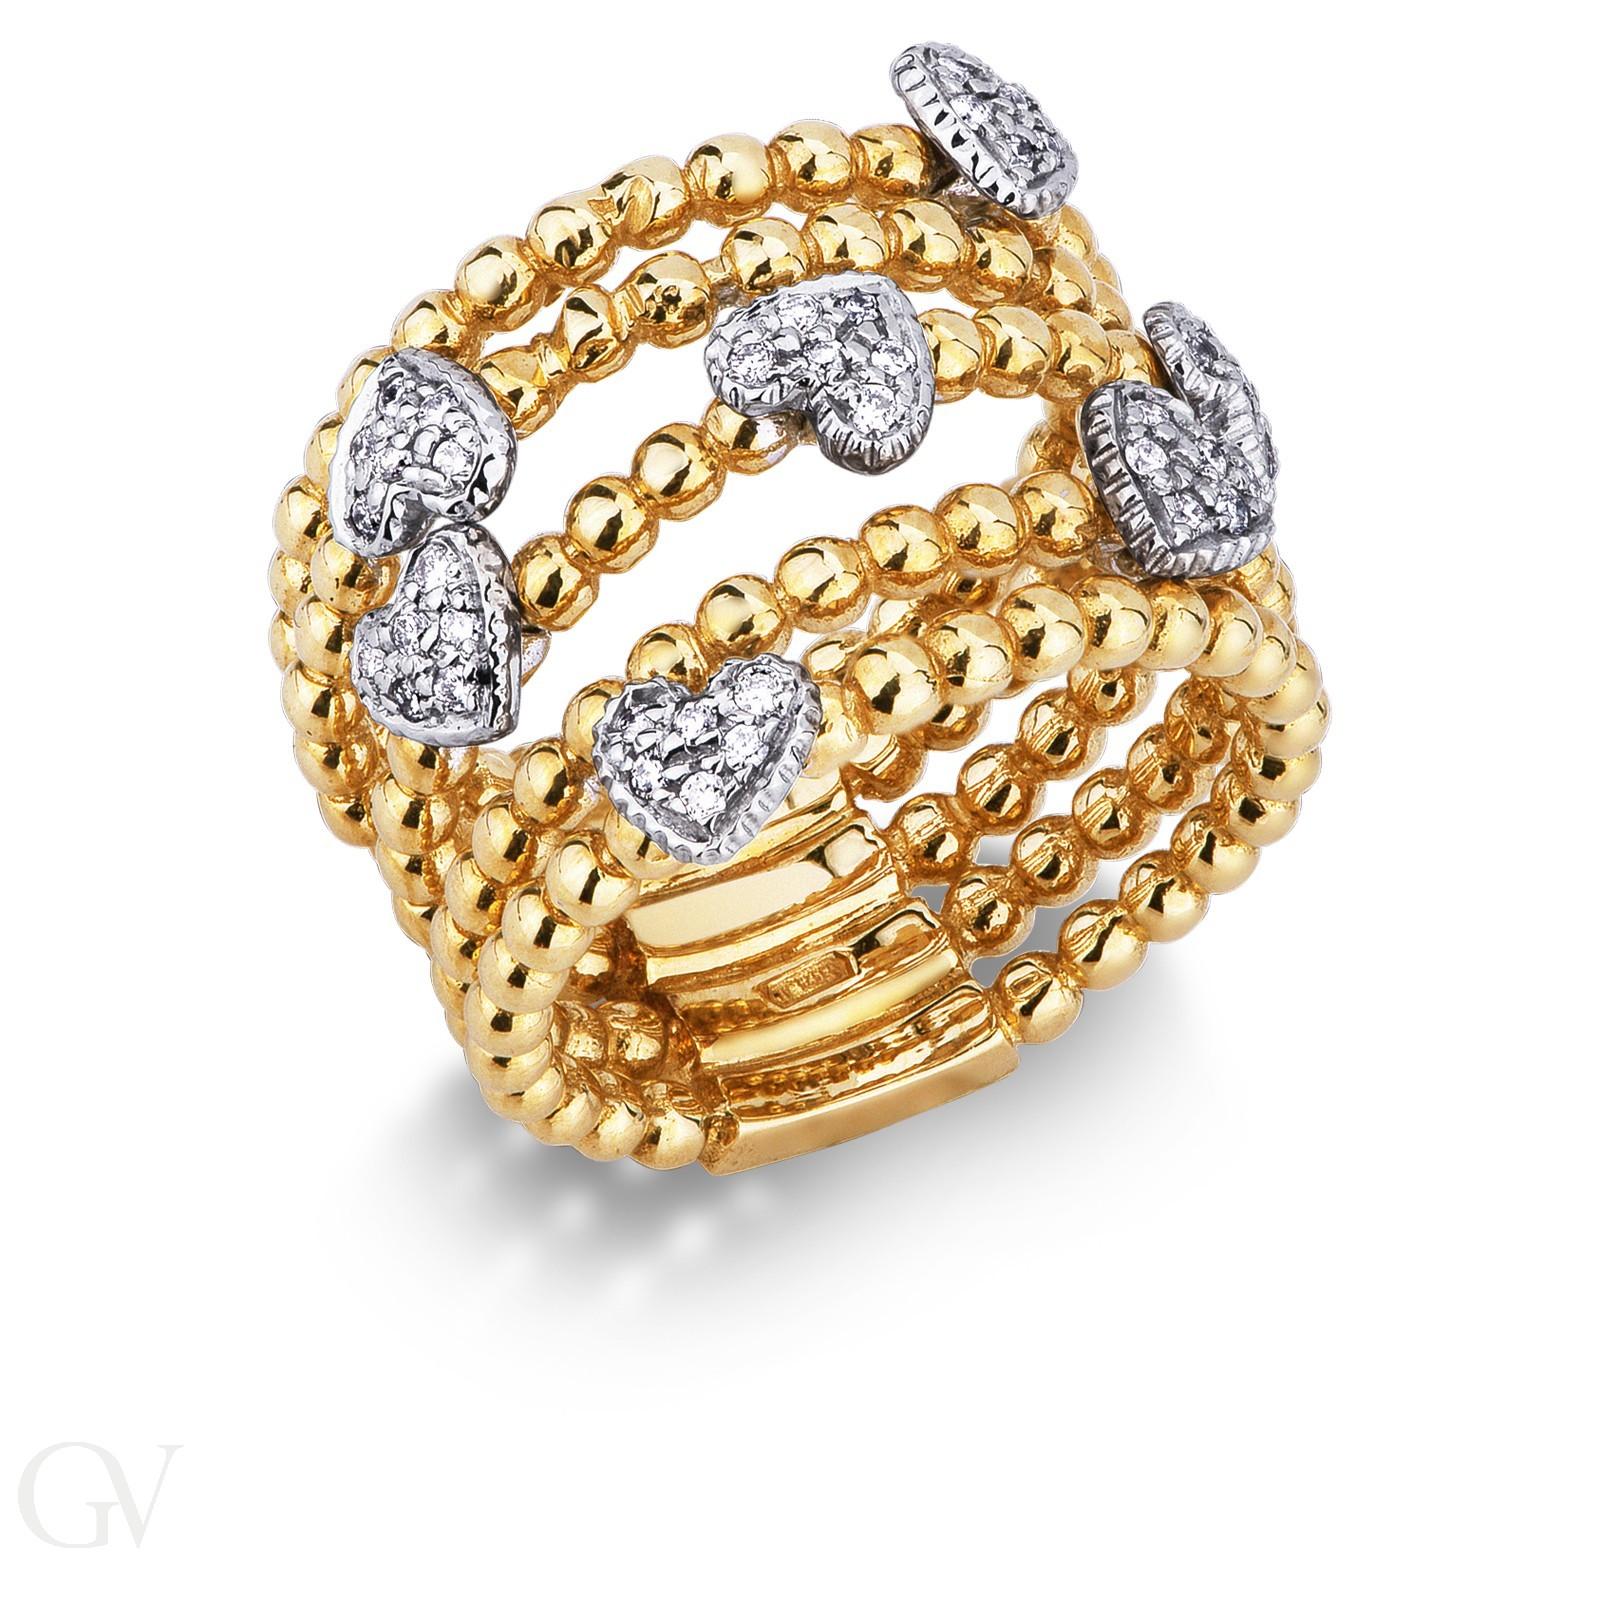 Anello in oro giallo e bianco 18k con cuori in diamanti